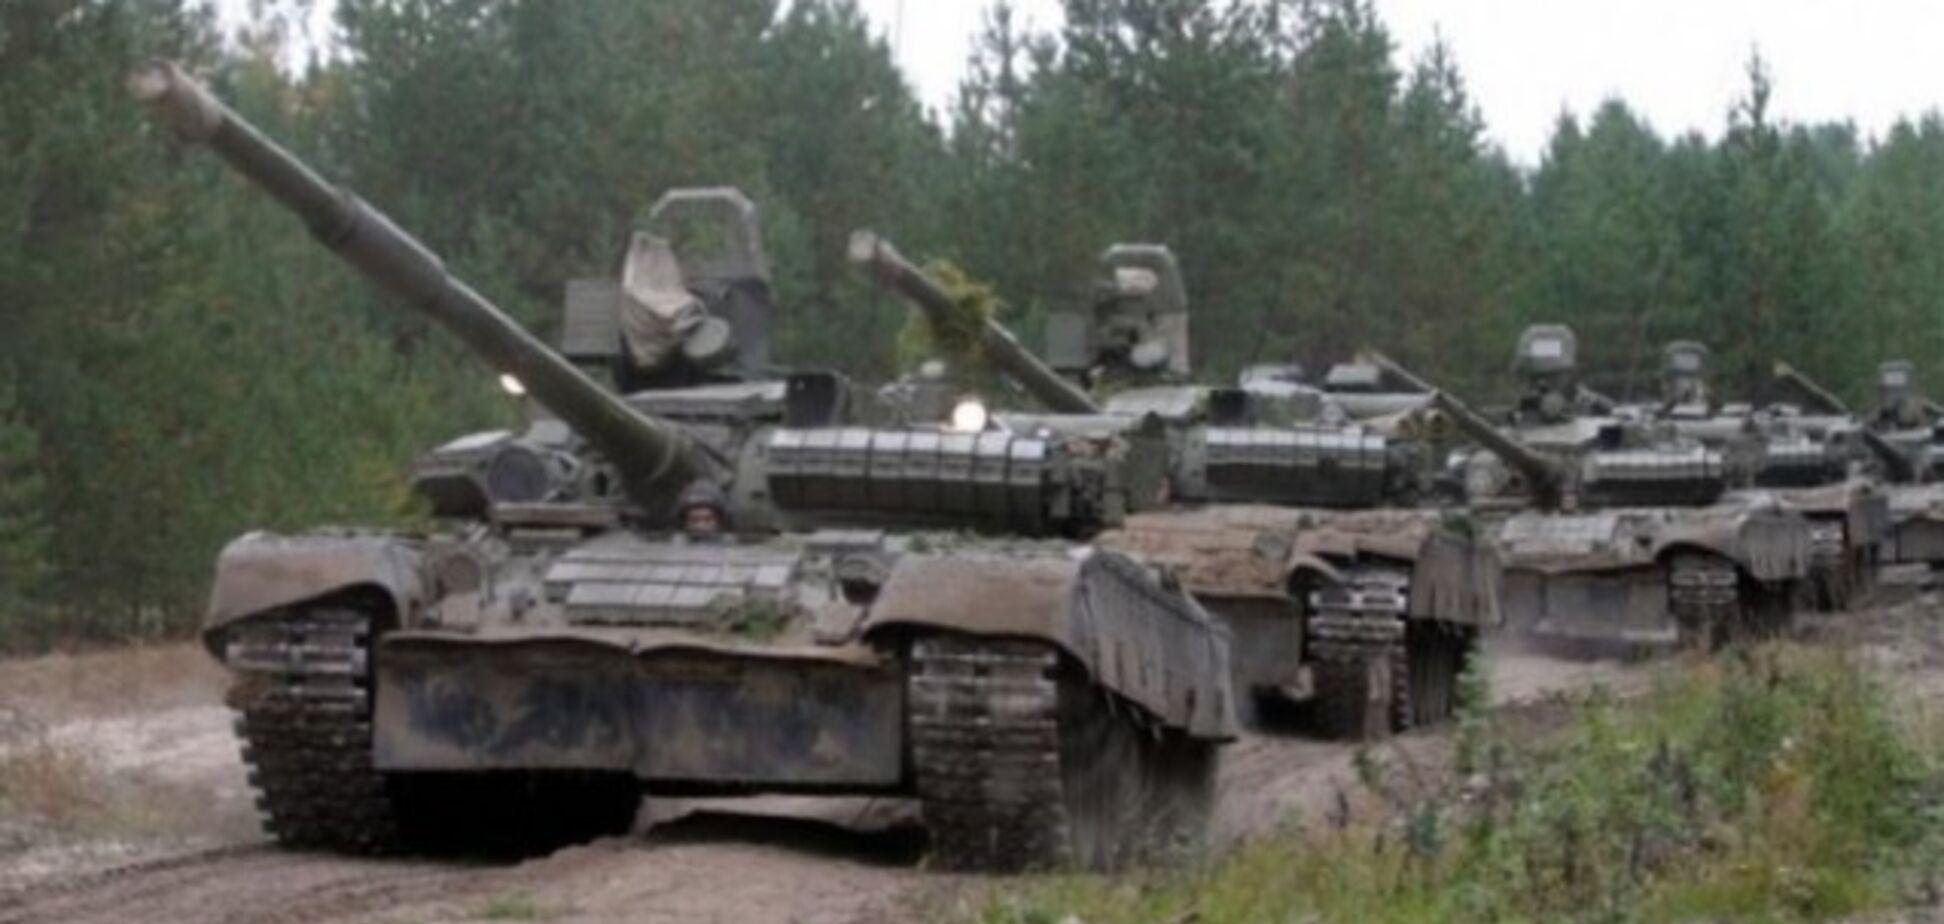 Готовятся к атаке? 'Л/ДНР' стащили танки к линии фронту: отчет ОБСЕ